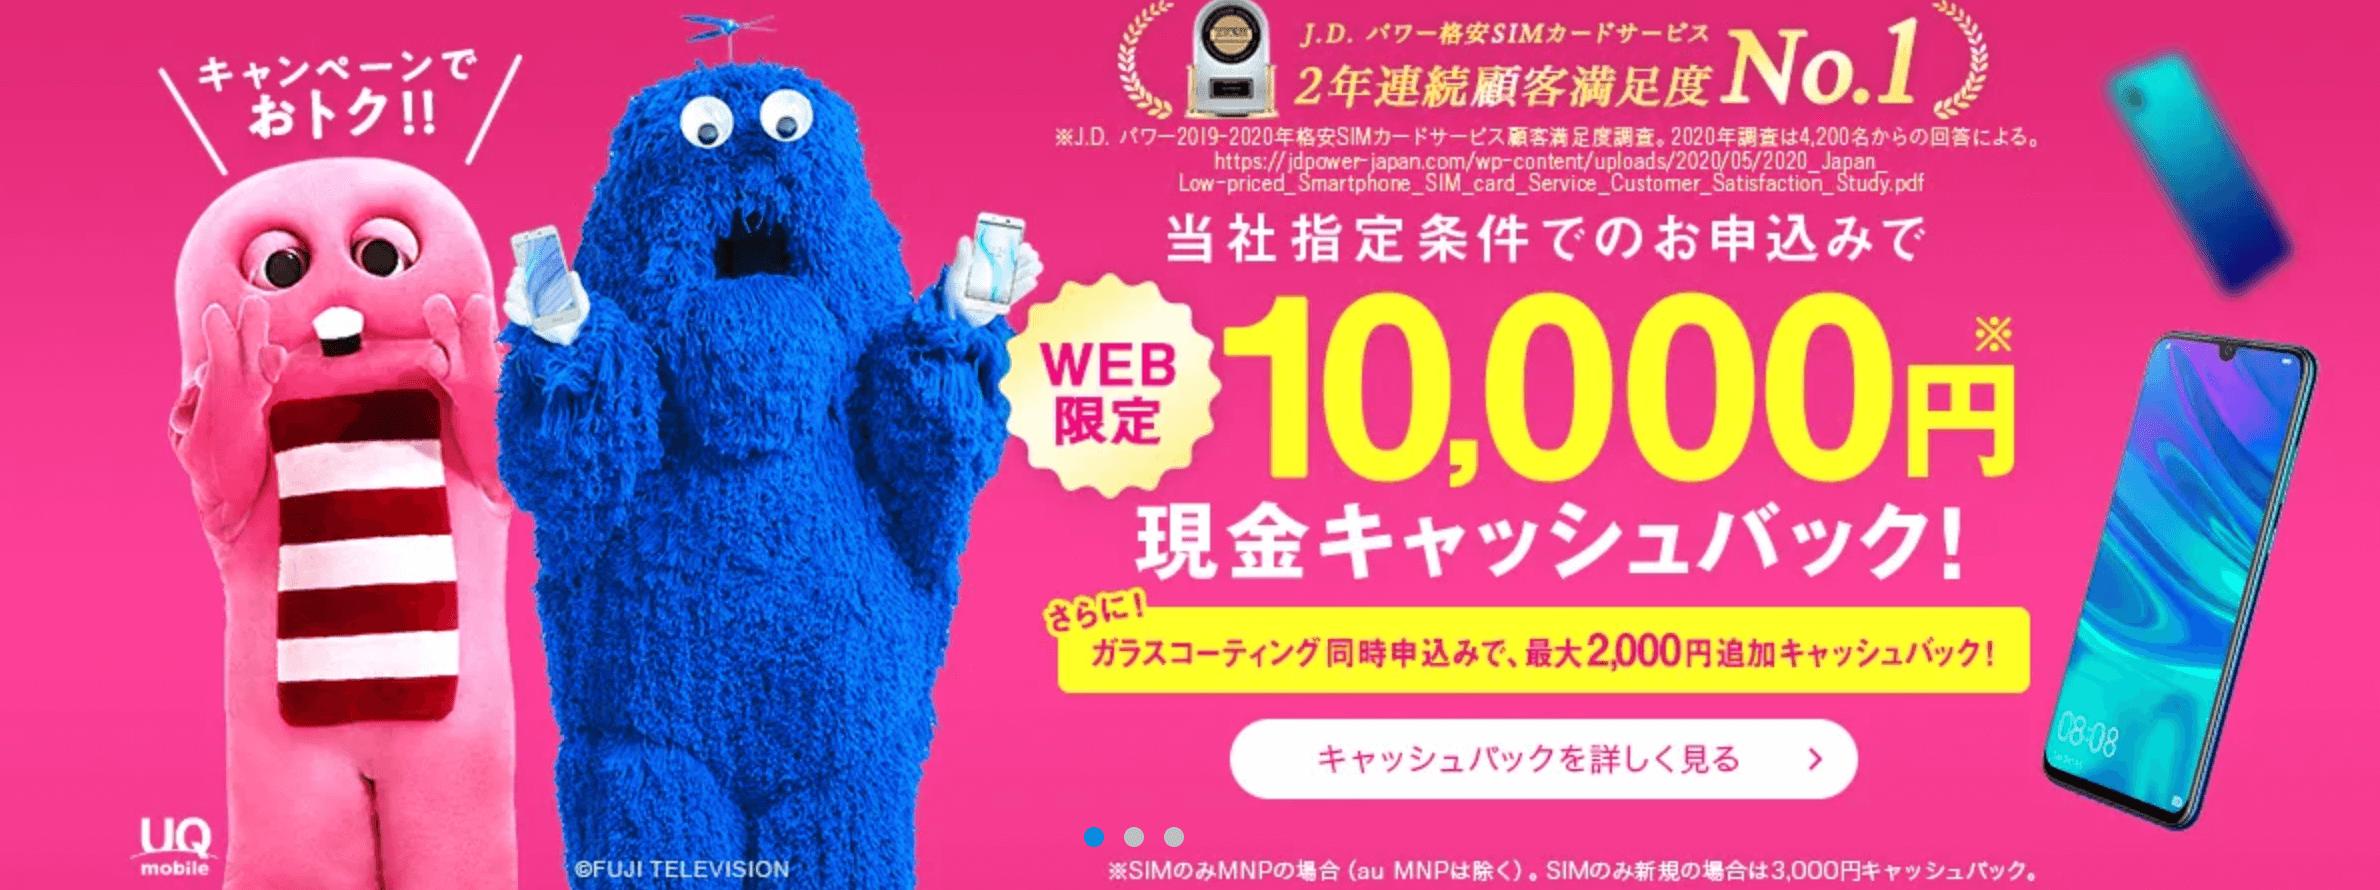 UQモバイル_評判